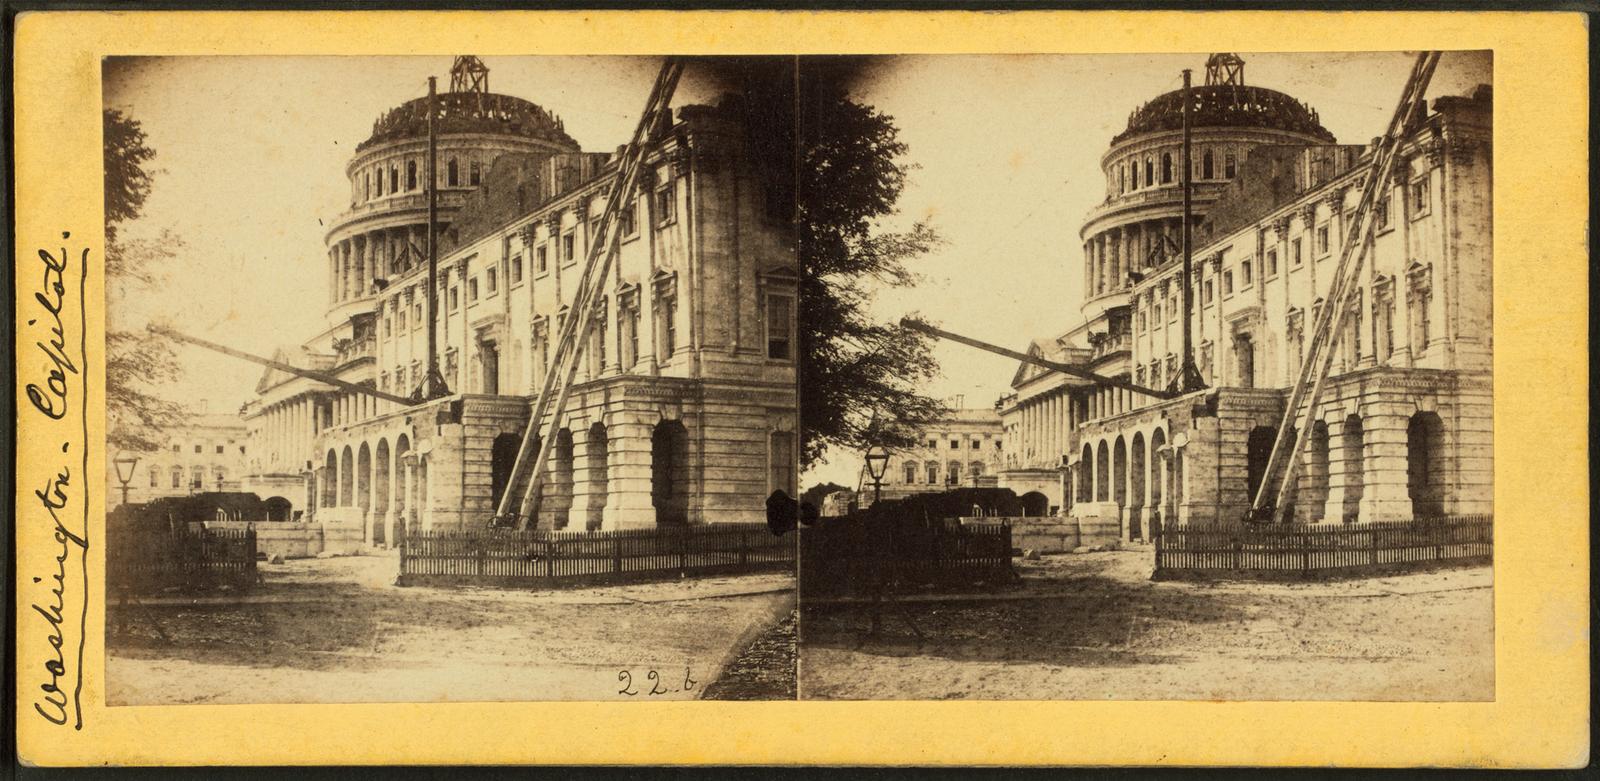 U.S. Capitol. East Front. Washington, D.C.